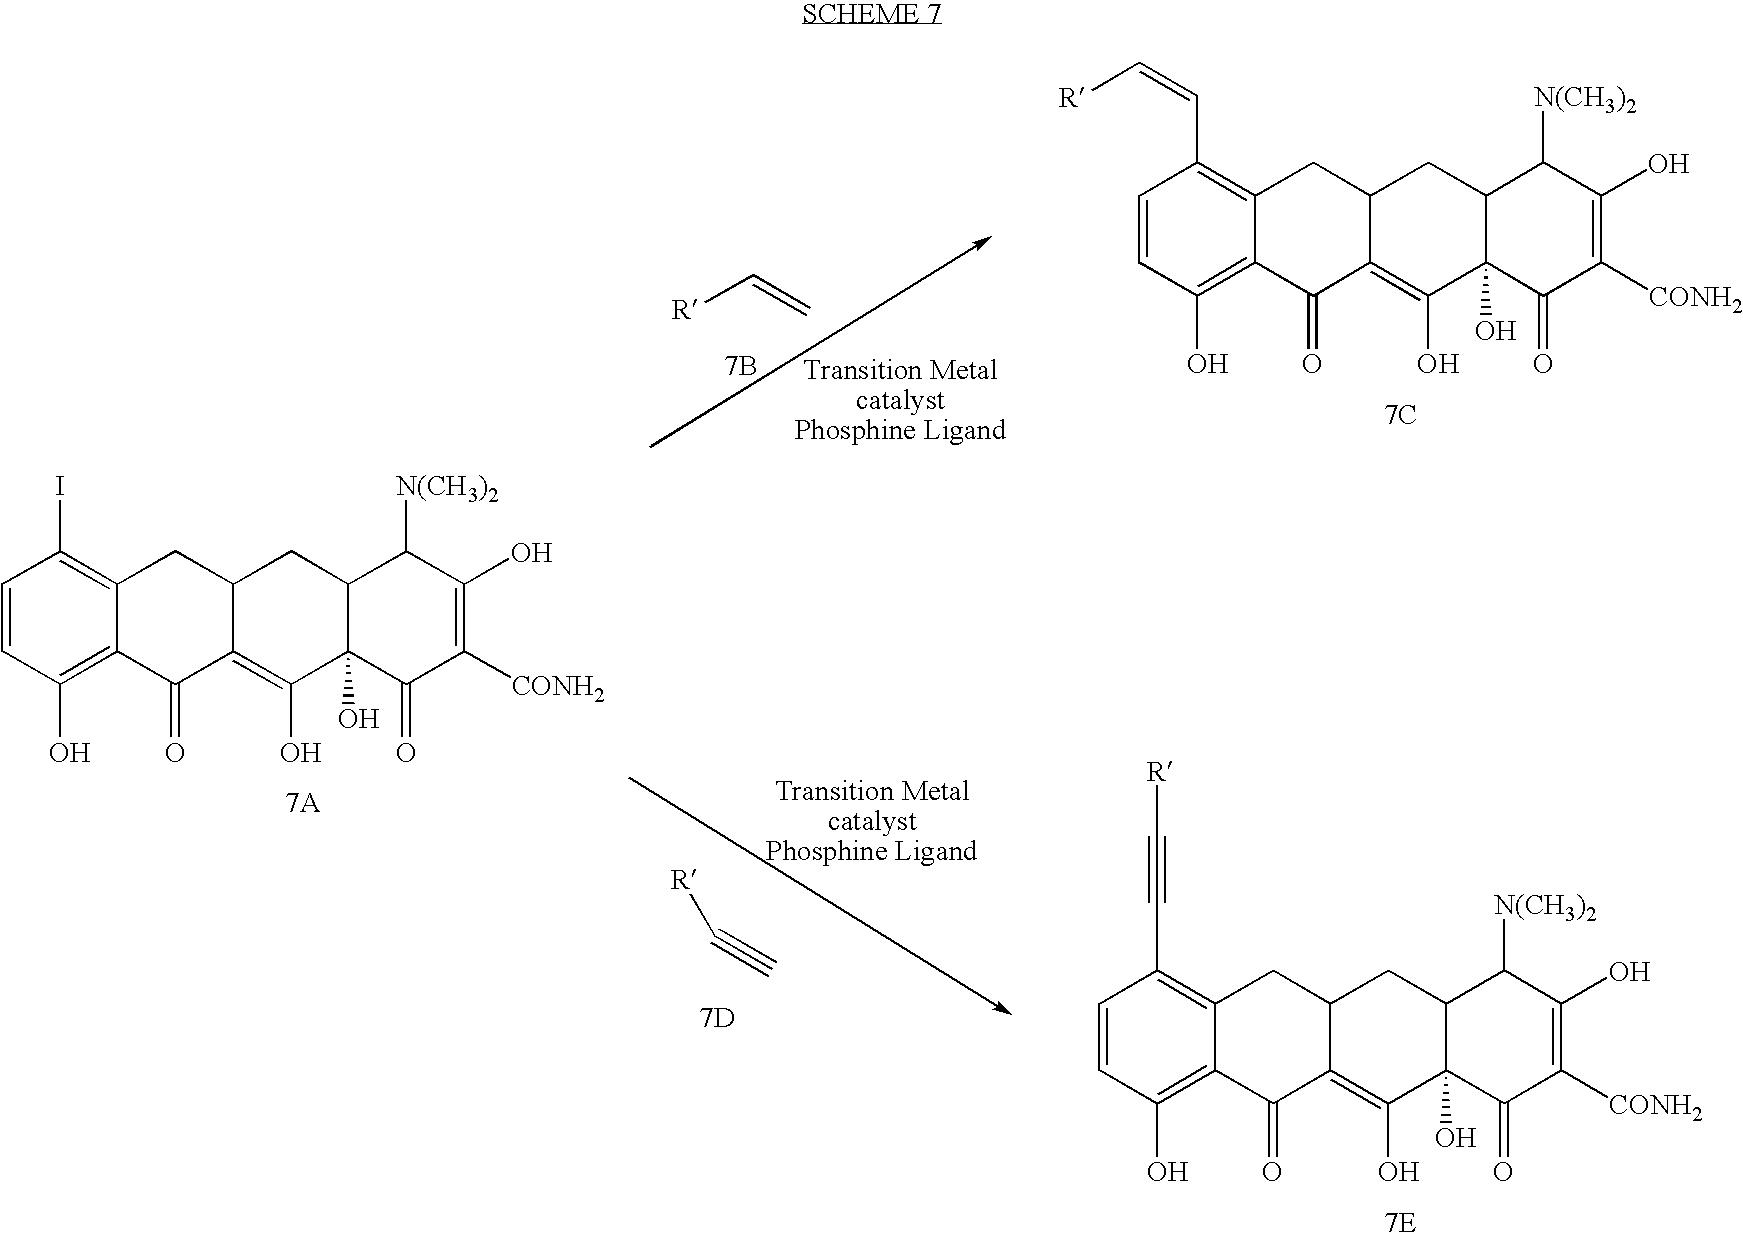 ic ciprofloxacin hcl alcohol